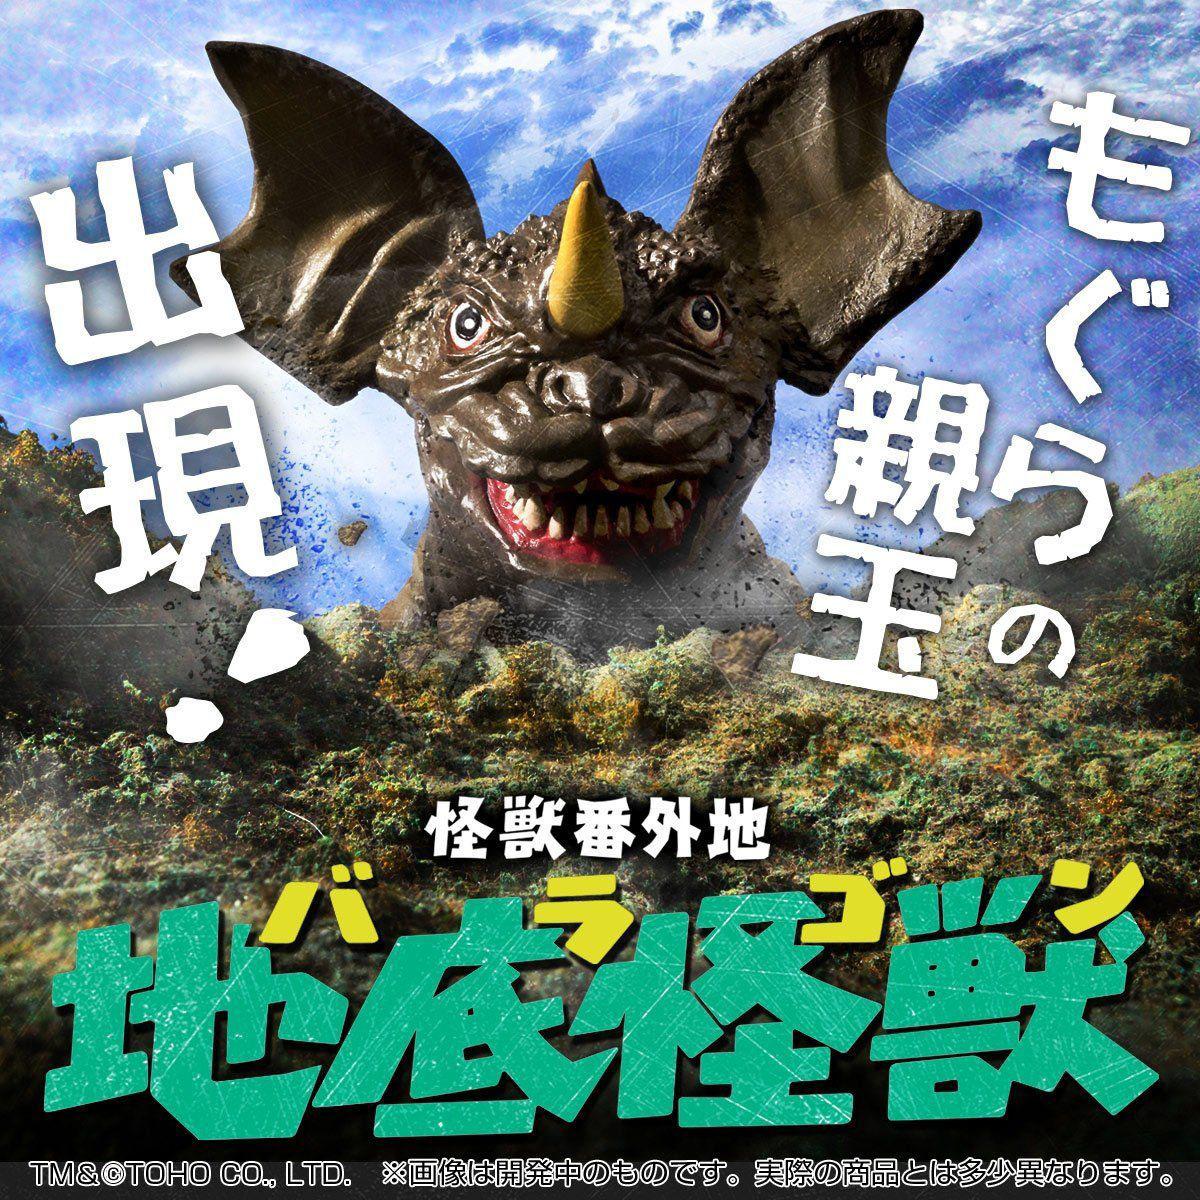 怪獣番外地『地底怪獣バラゴン』ソフビ フィギュア-001